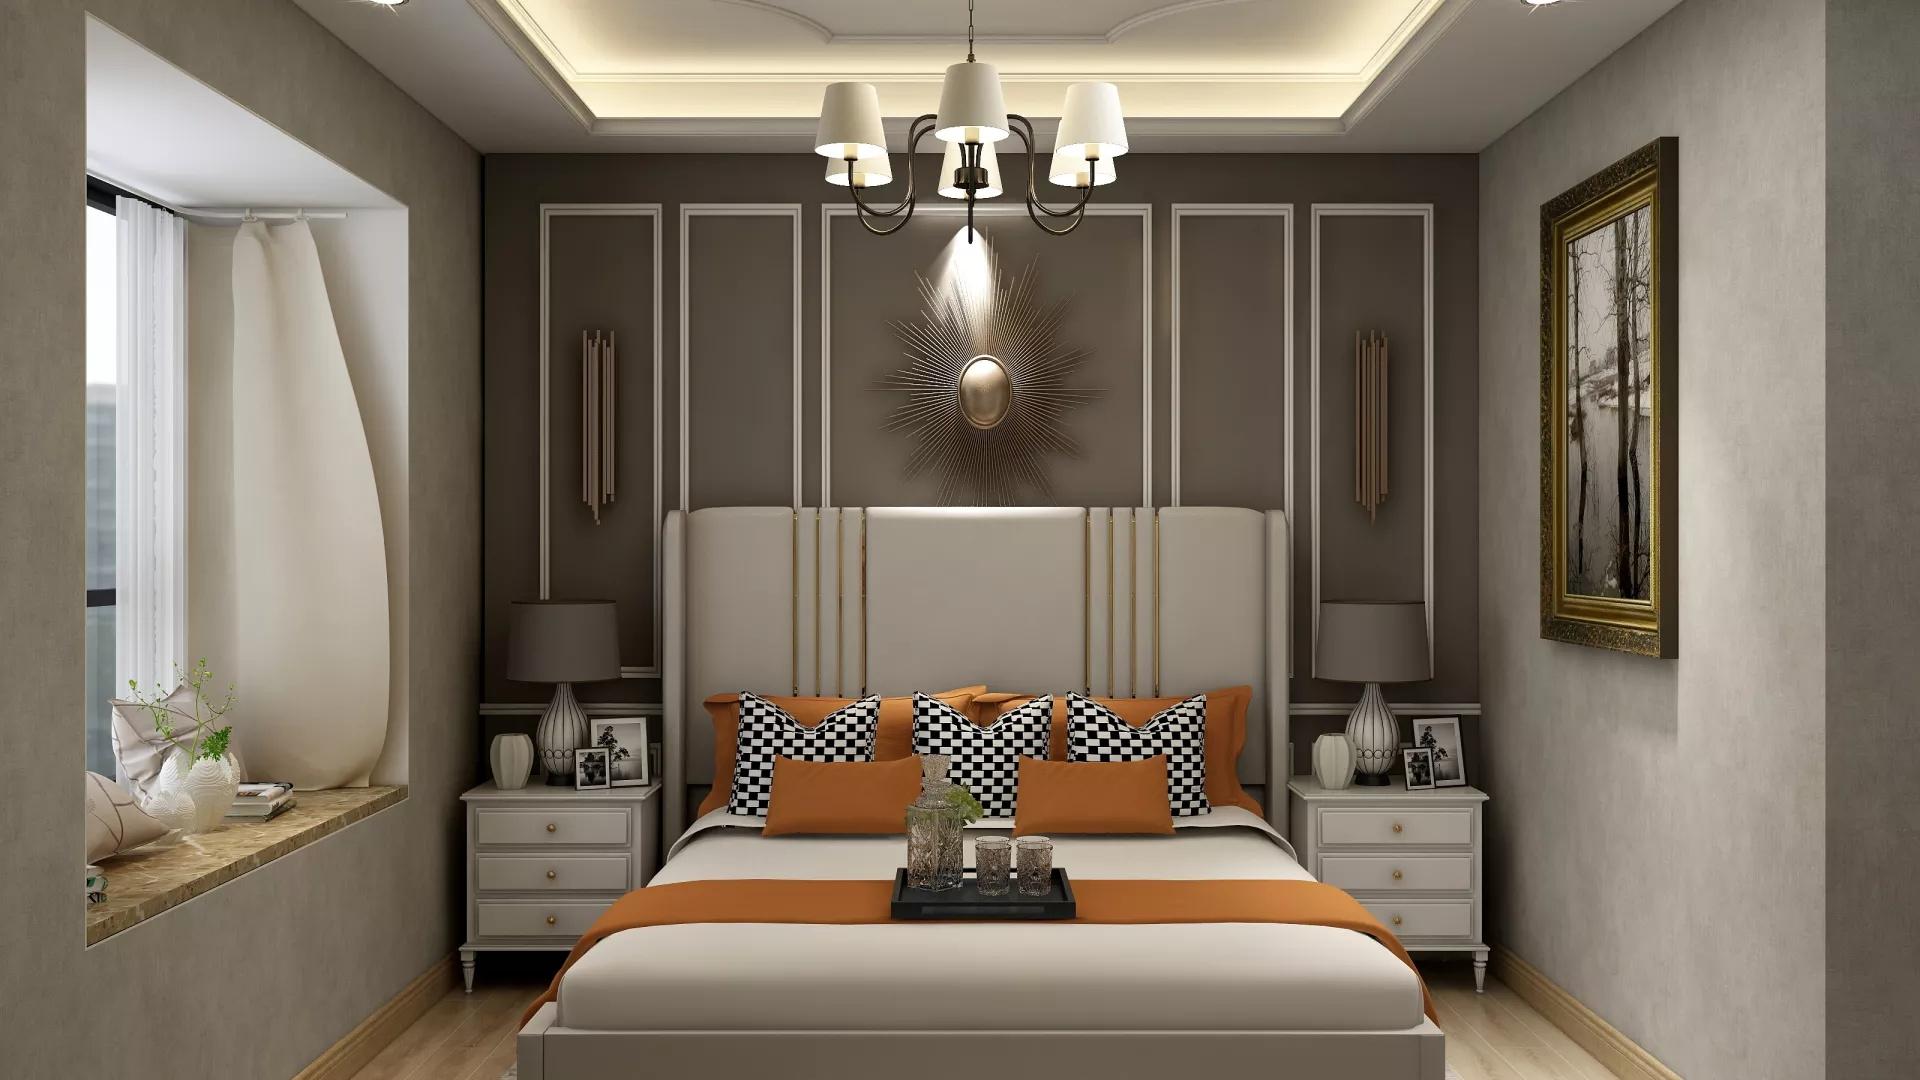 室内卧室隔断装修要点  怎么做室内卧室隔断装修